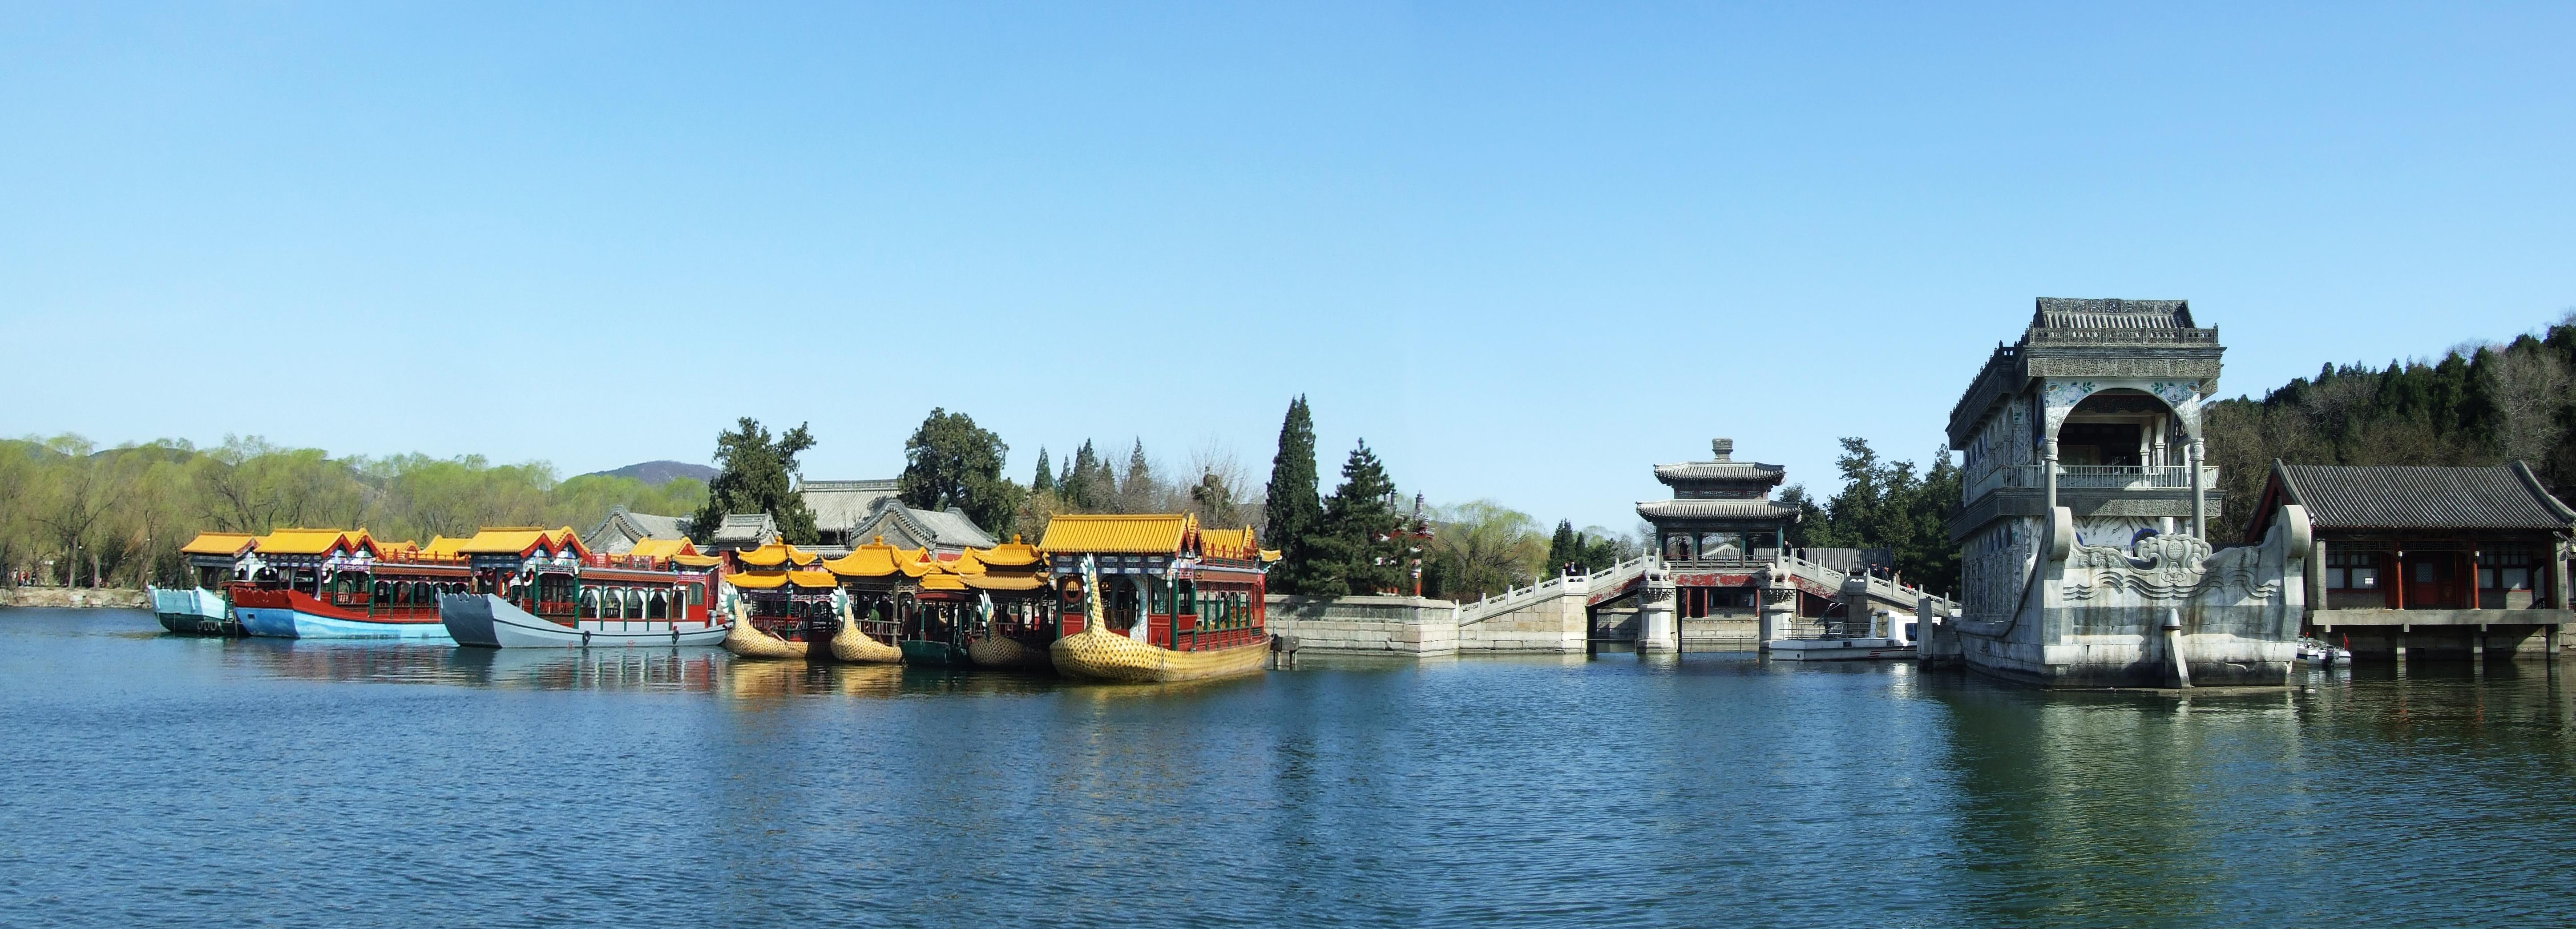 春风吹绿昆明湖,桃红柳绿颐和园